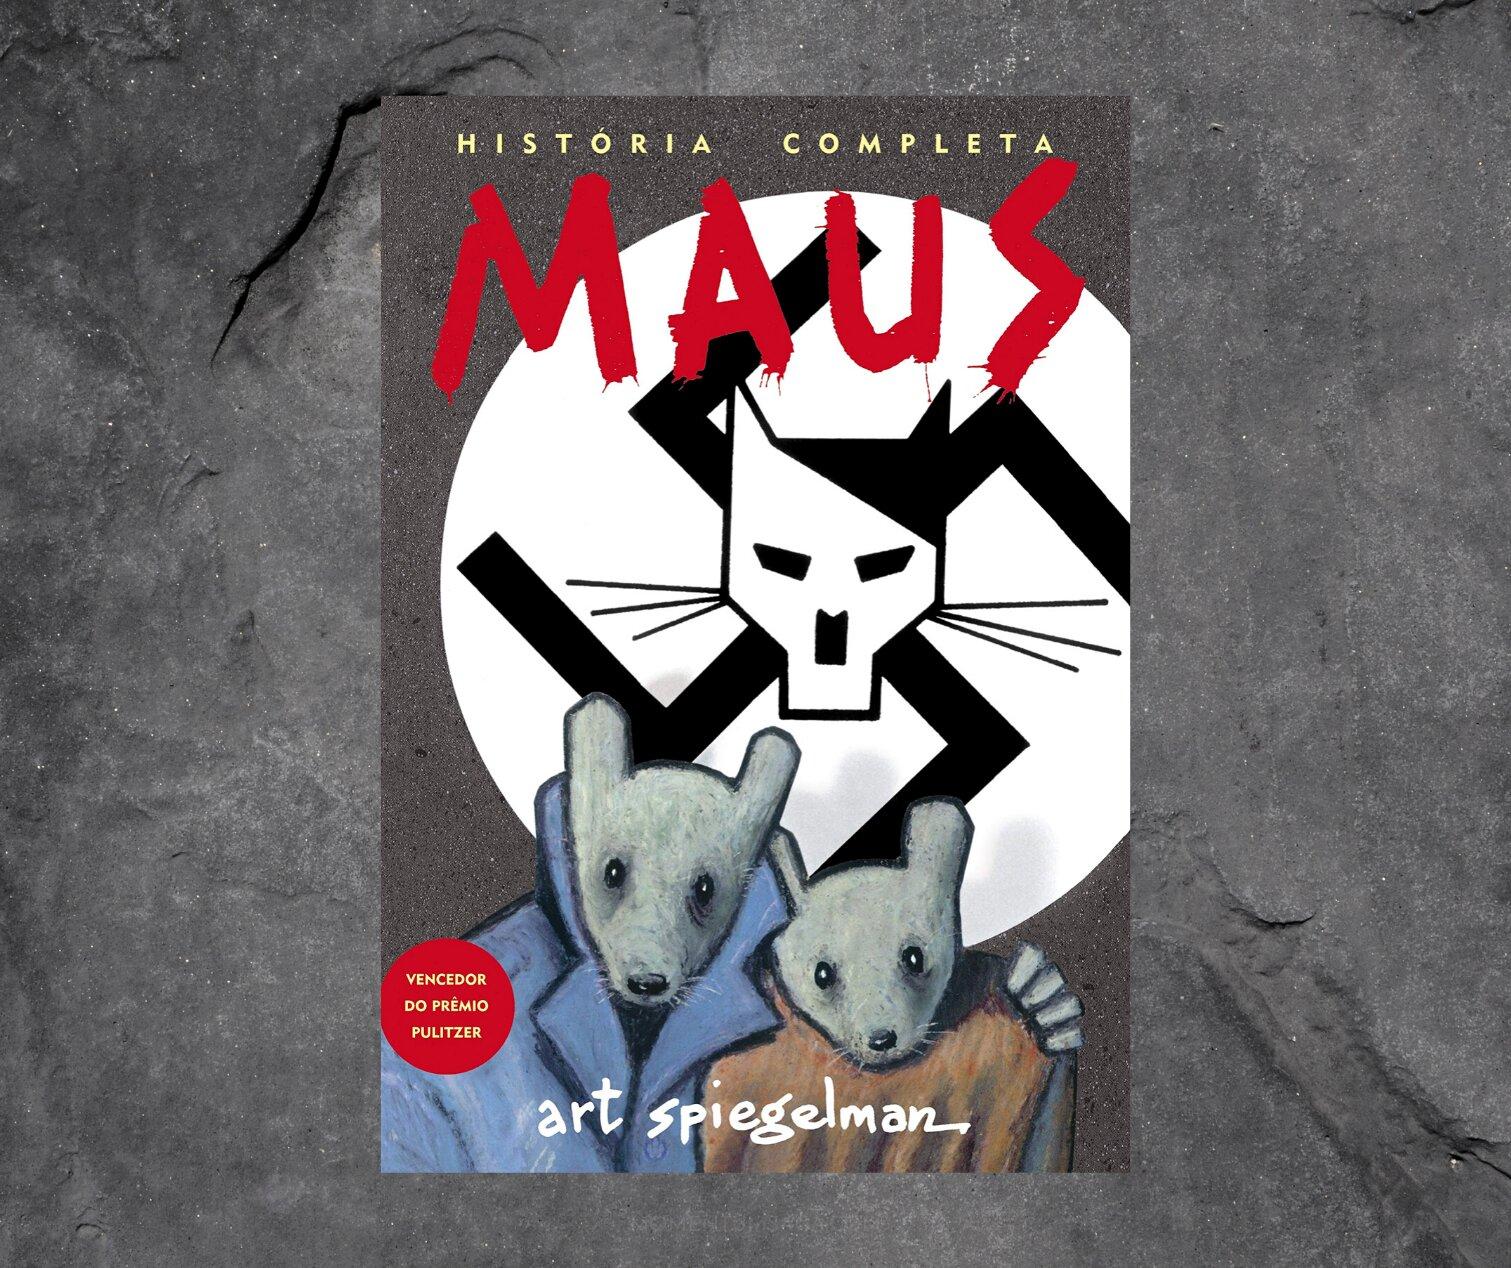 Resenha: Maus, a História de um Sobrevivente, de Art Spiegelman